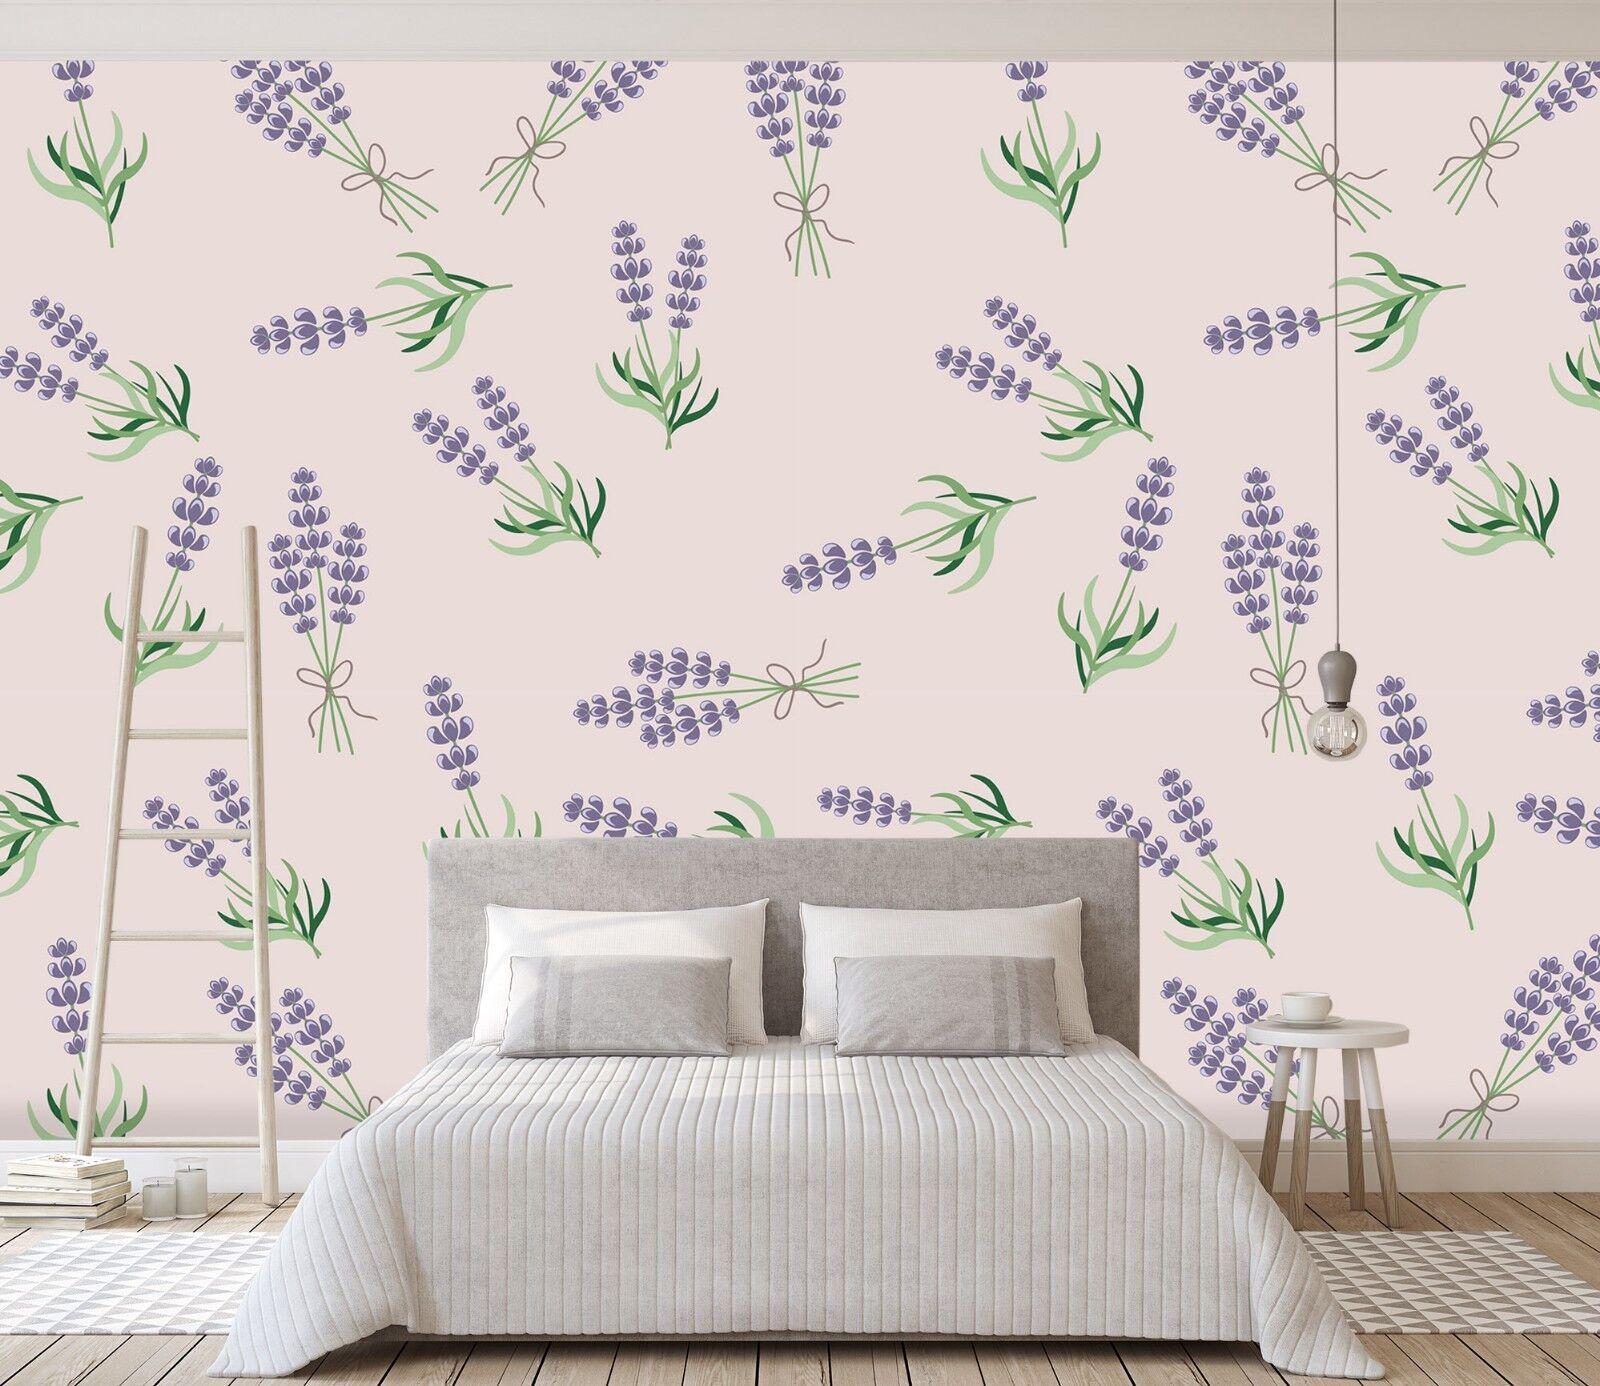 3D Lila Blaumen Blaumen Blaumen Gras 810 Tapete Wandgemälde Tapete Tapeten Bild Familie DE Lemon | Attraktiv Und Langlebig  | Verschiedene Stile und Stile  |  60a8d5